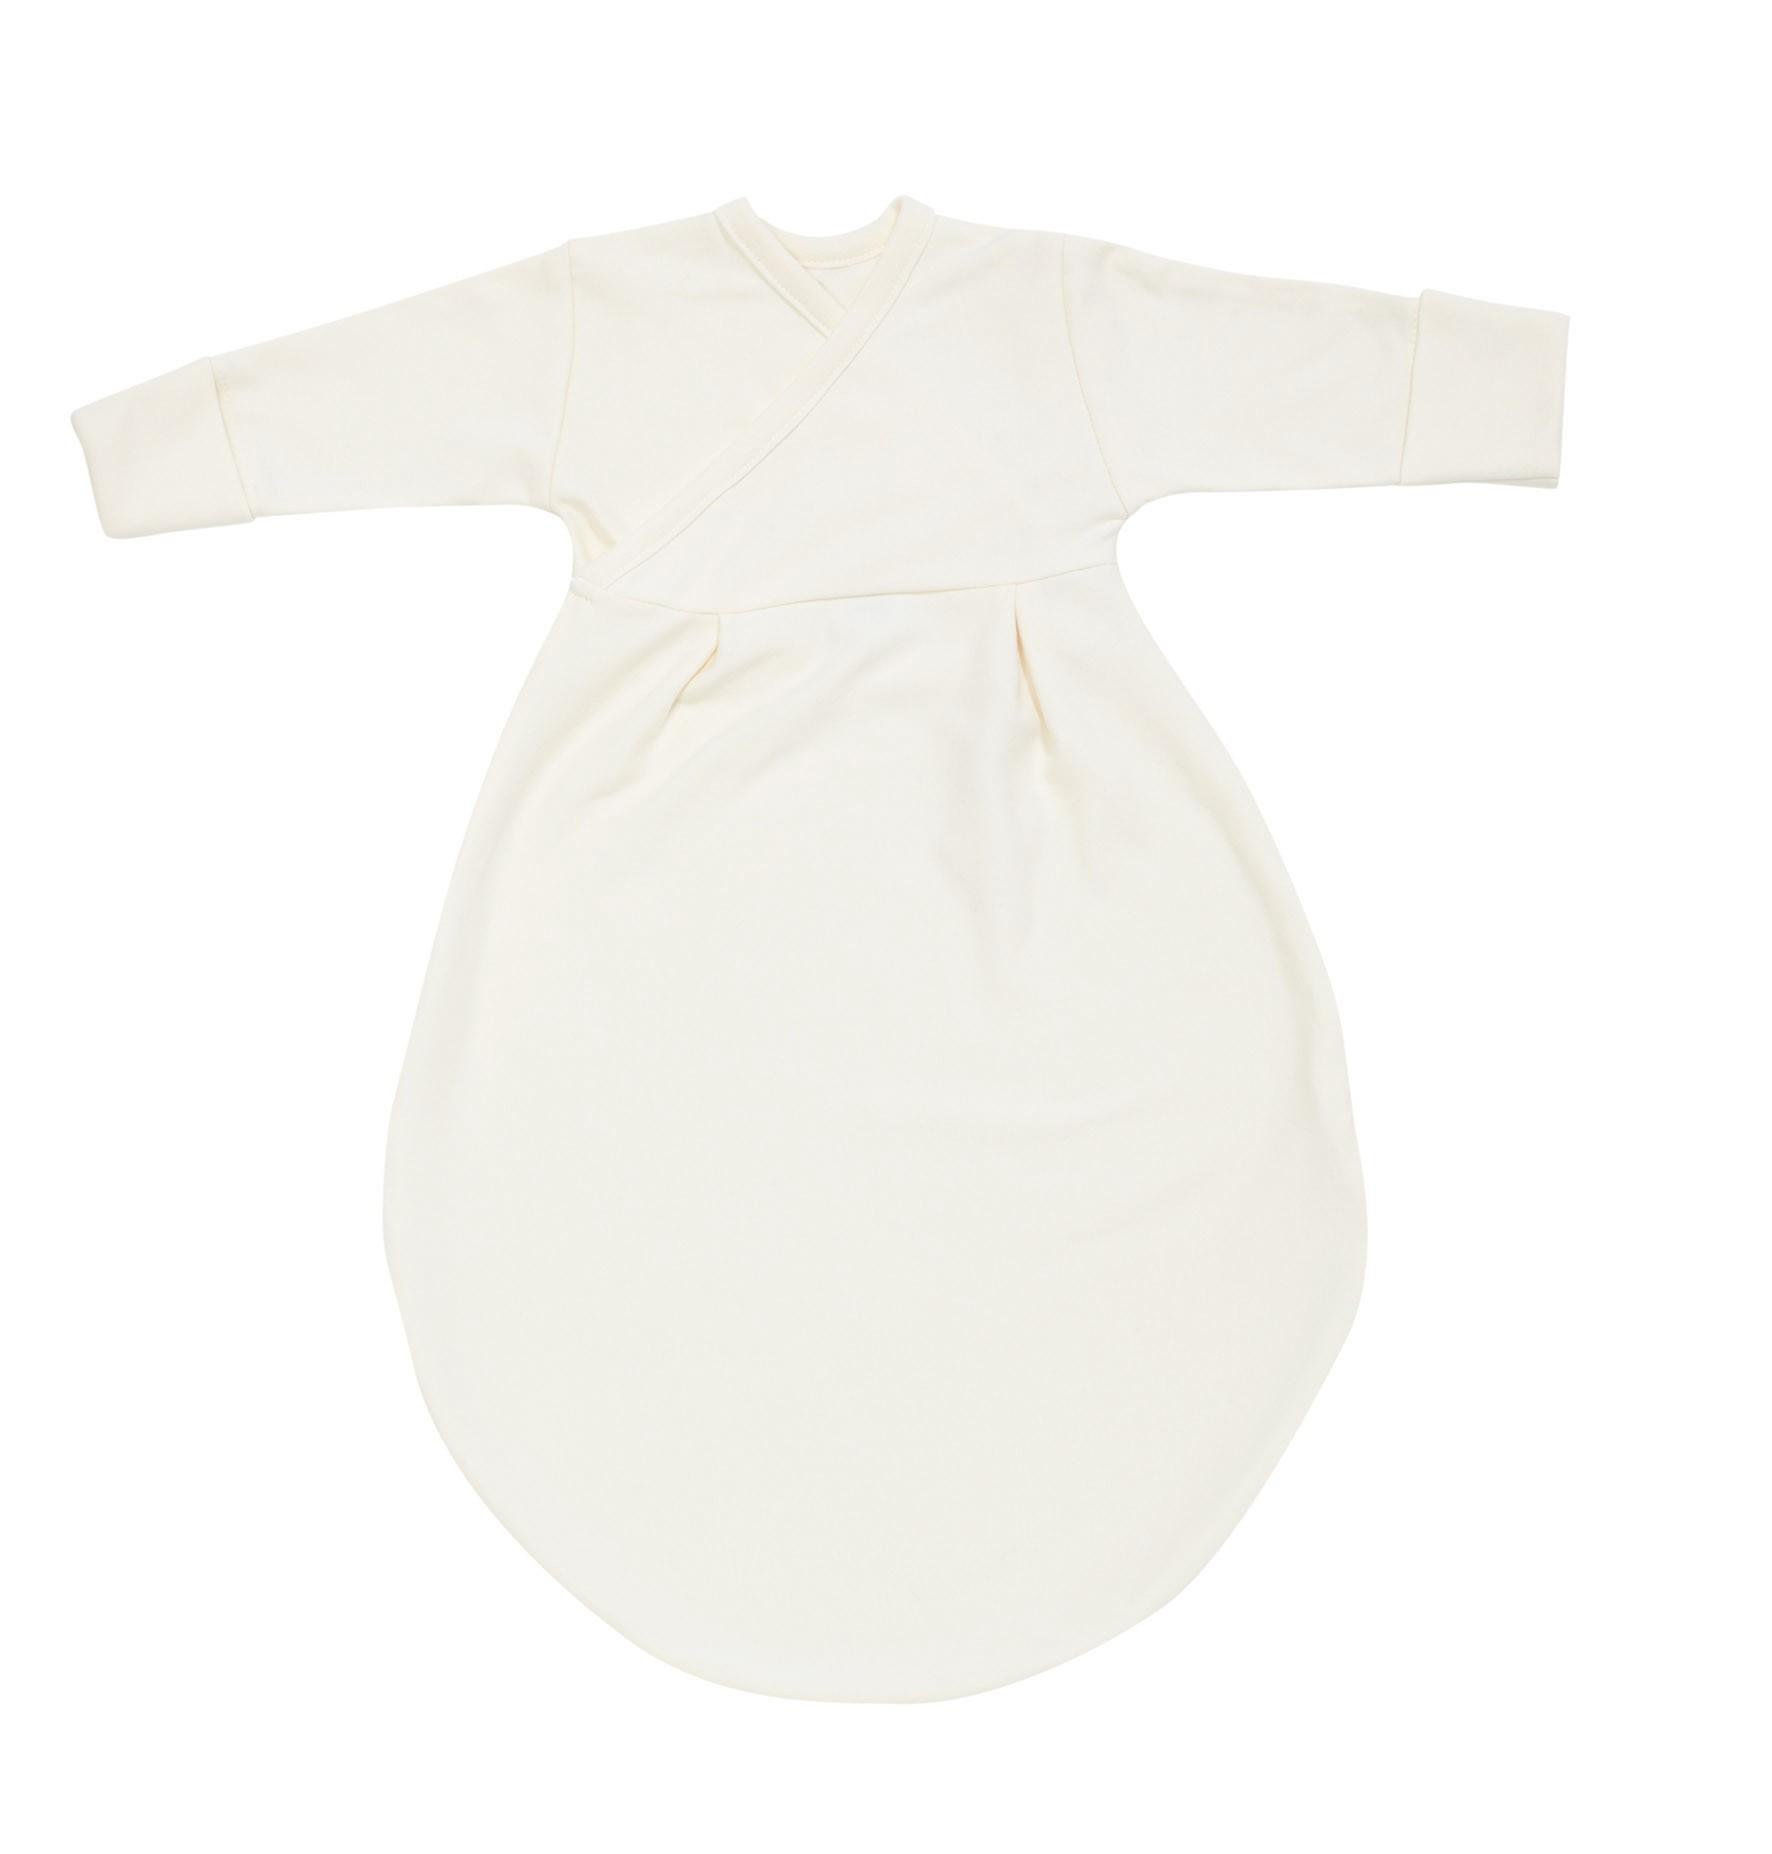 Alvi Baby Mäxchen Schlafsack Innensack Größe 44 allergikaweiss